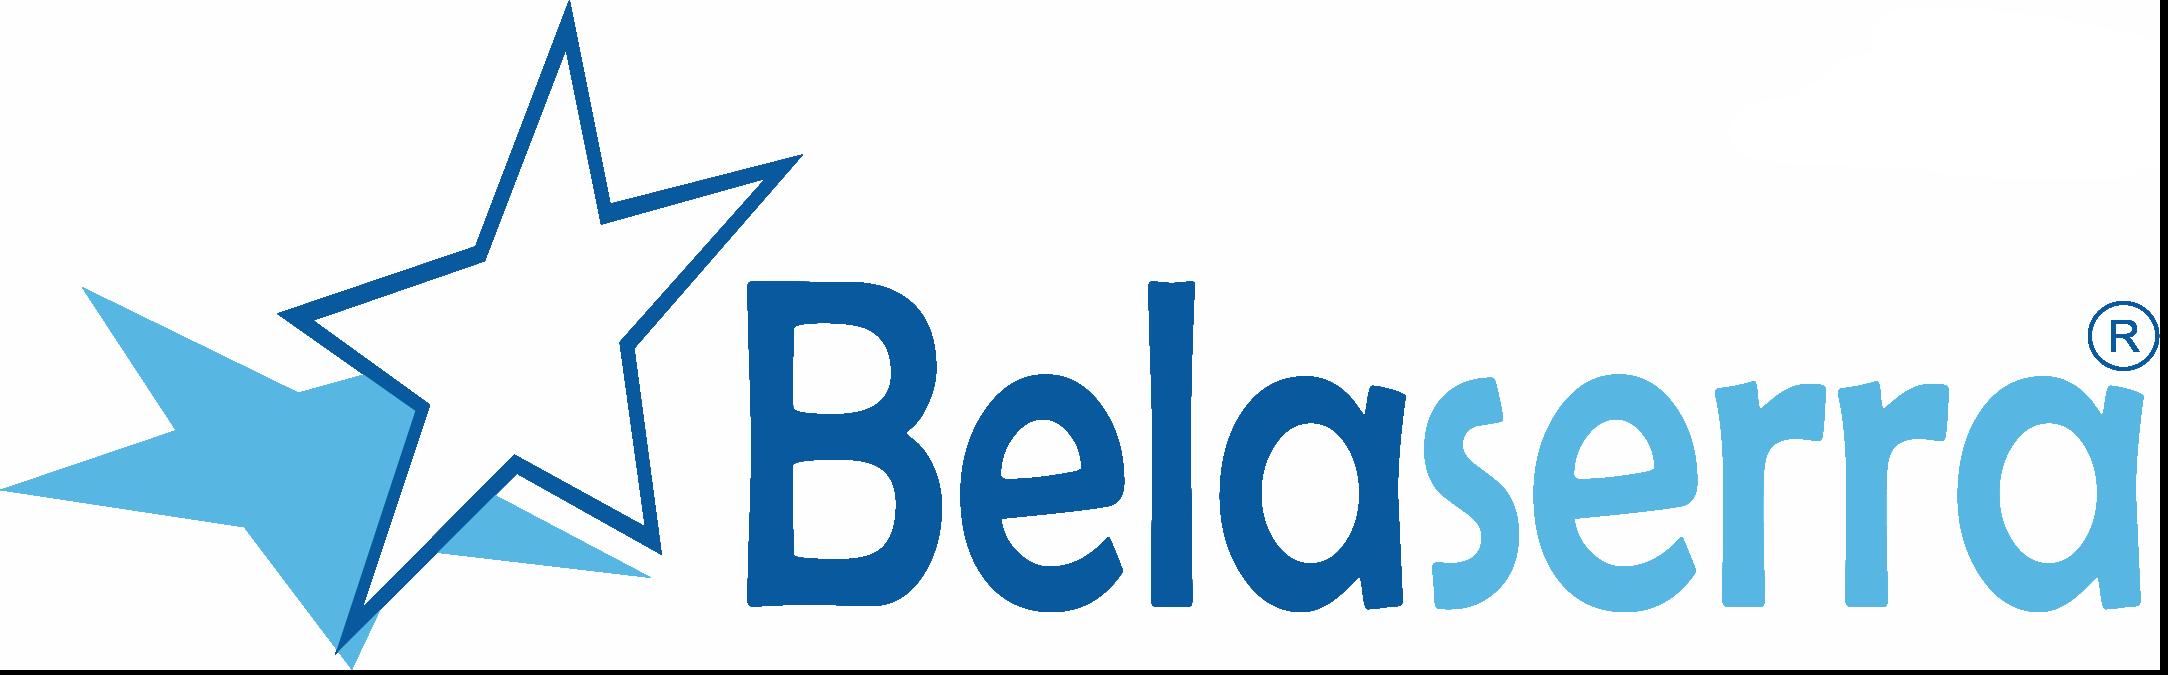 Belaserra-Mediação Imobiliária